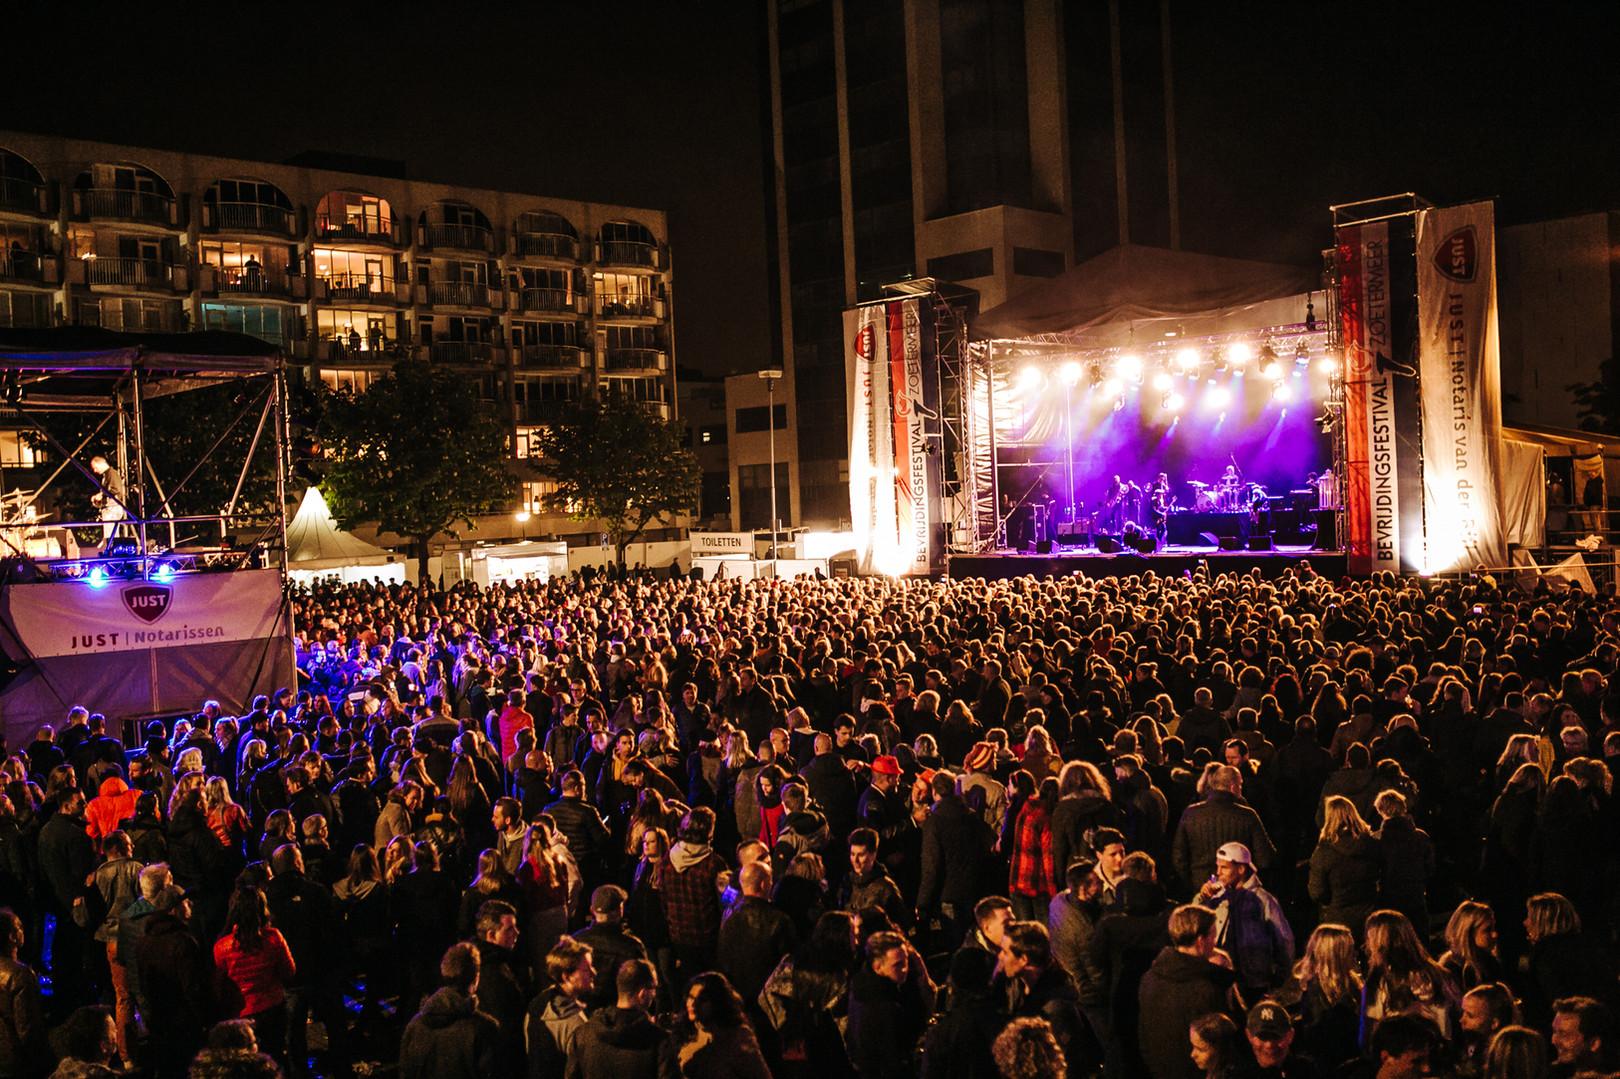 Bevrijdingsfestival 2019